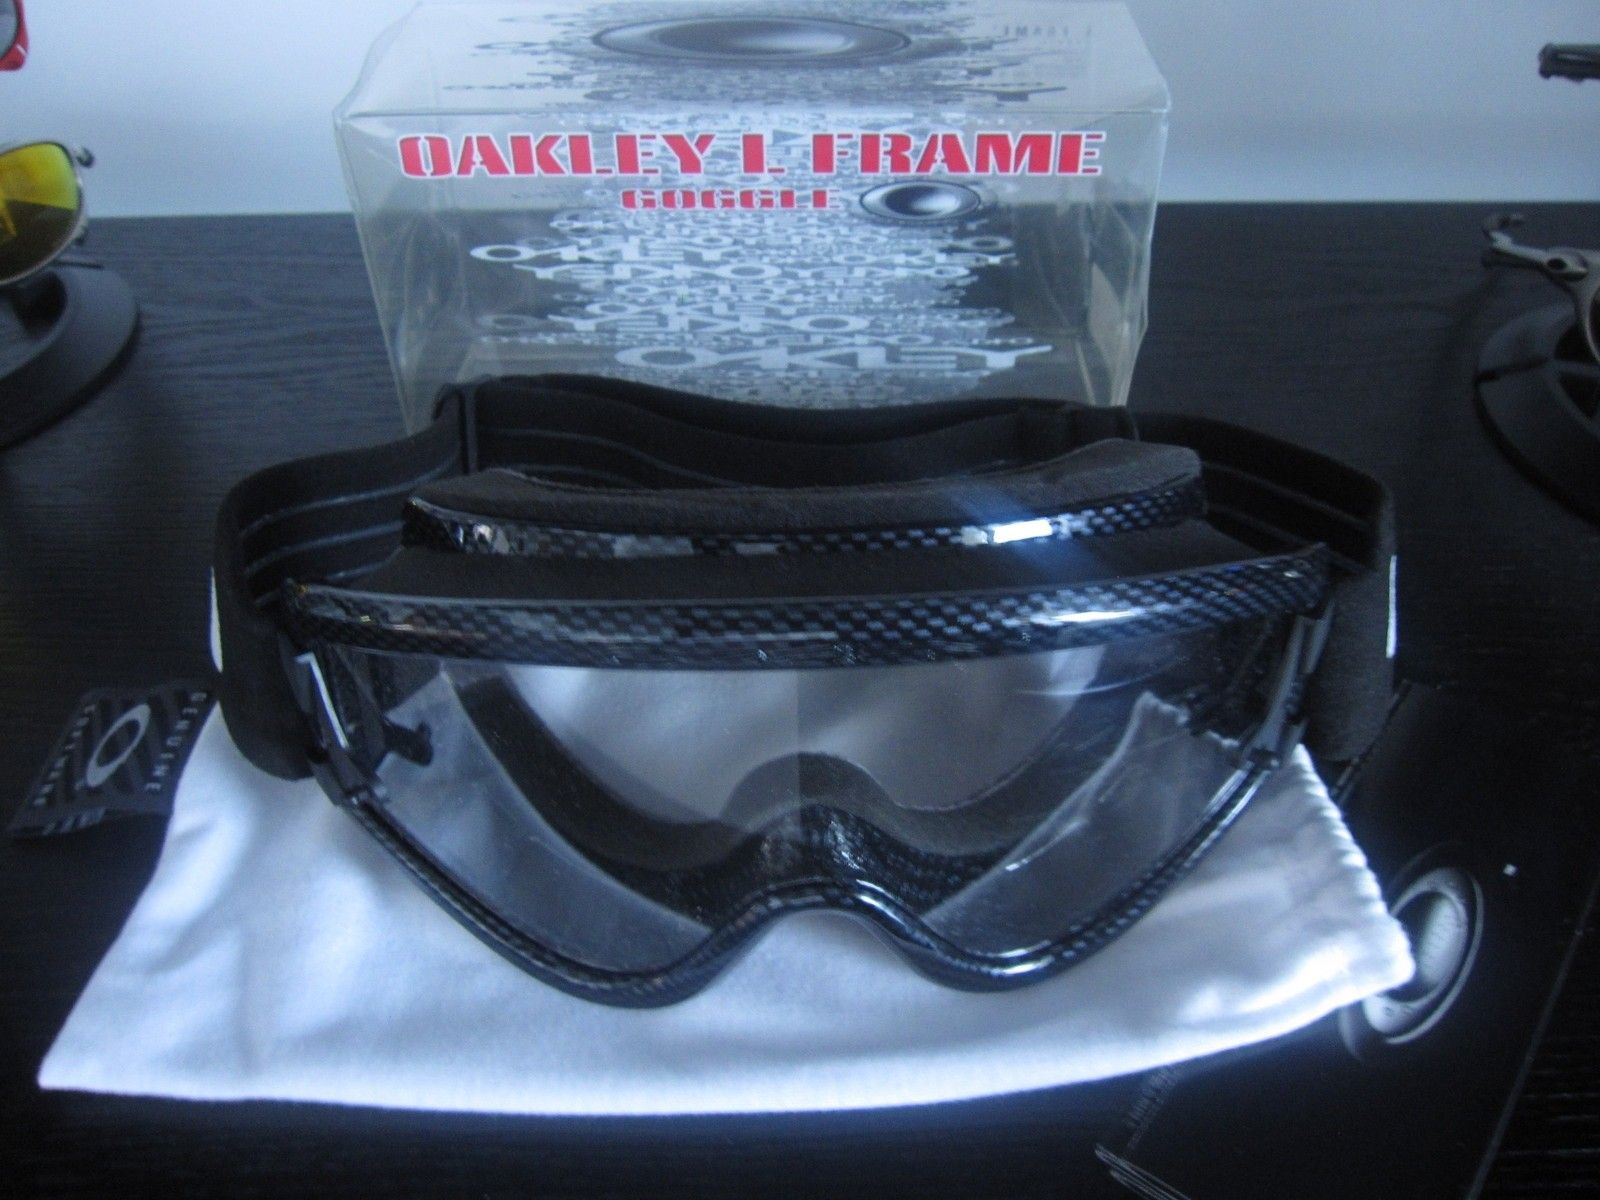 OAKLEY L FRAME MX - Over Glasses goggles Atv/Moto/dirt - Carbon Fiber - IMG_2794.JPG